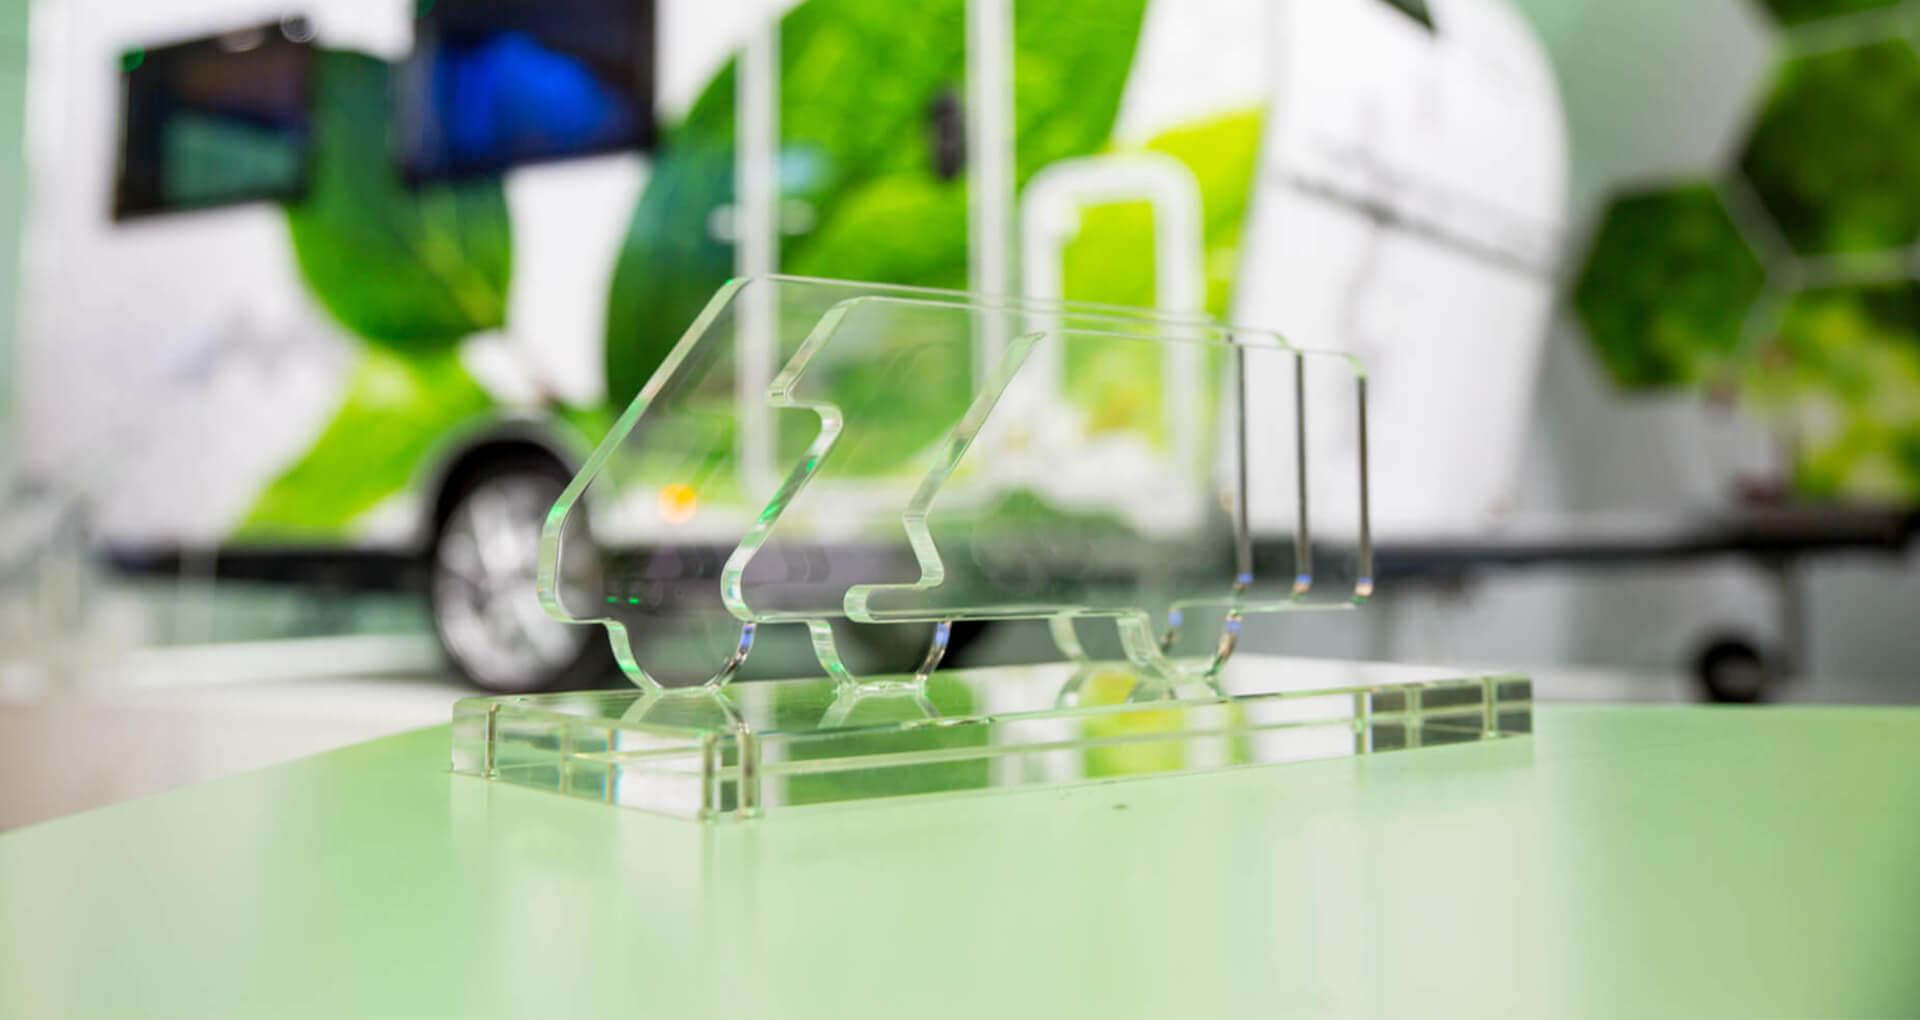 Wohnwagen Mit Etagenbett Test : Dethleffs u2013 caravans und reisemobile vom wohnwagen pionier. ein